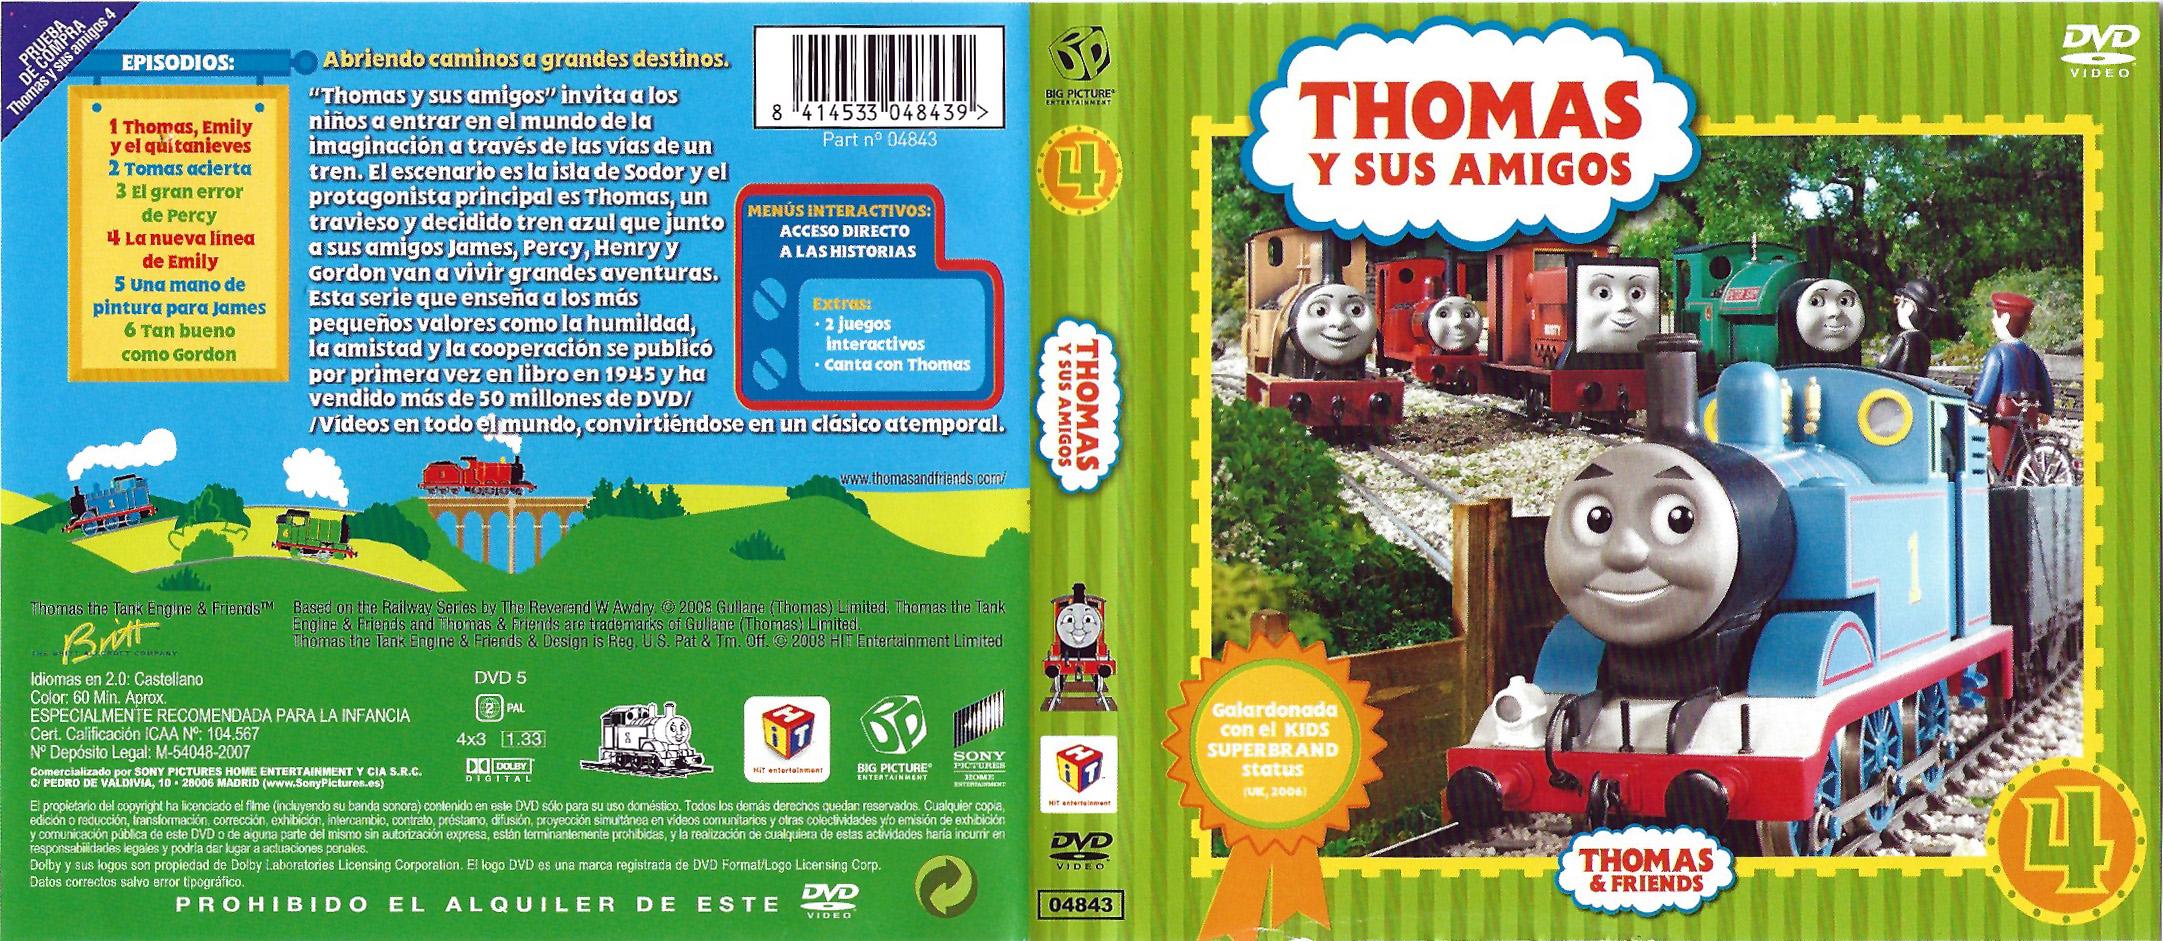 File:ThomasandFriendsVolume4(SpanishDVD).png